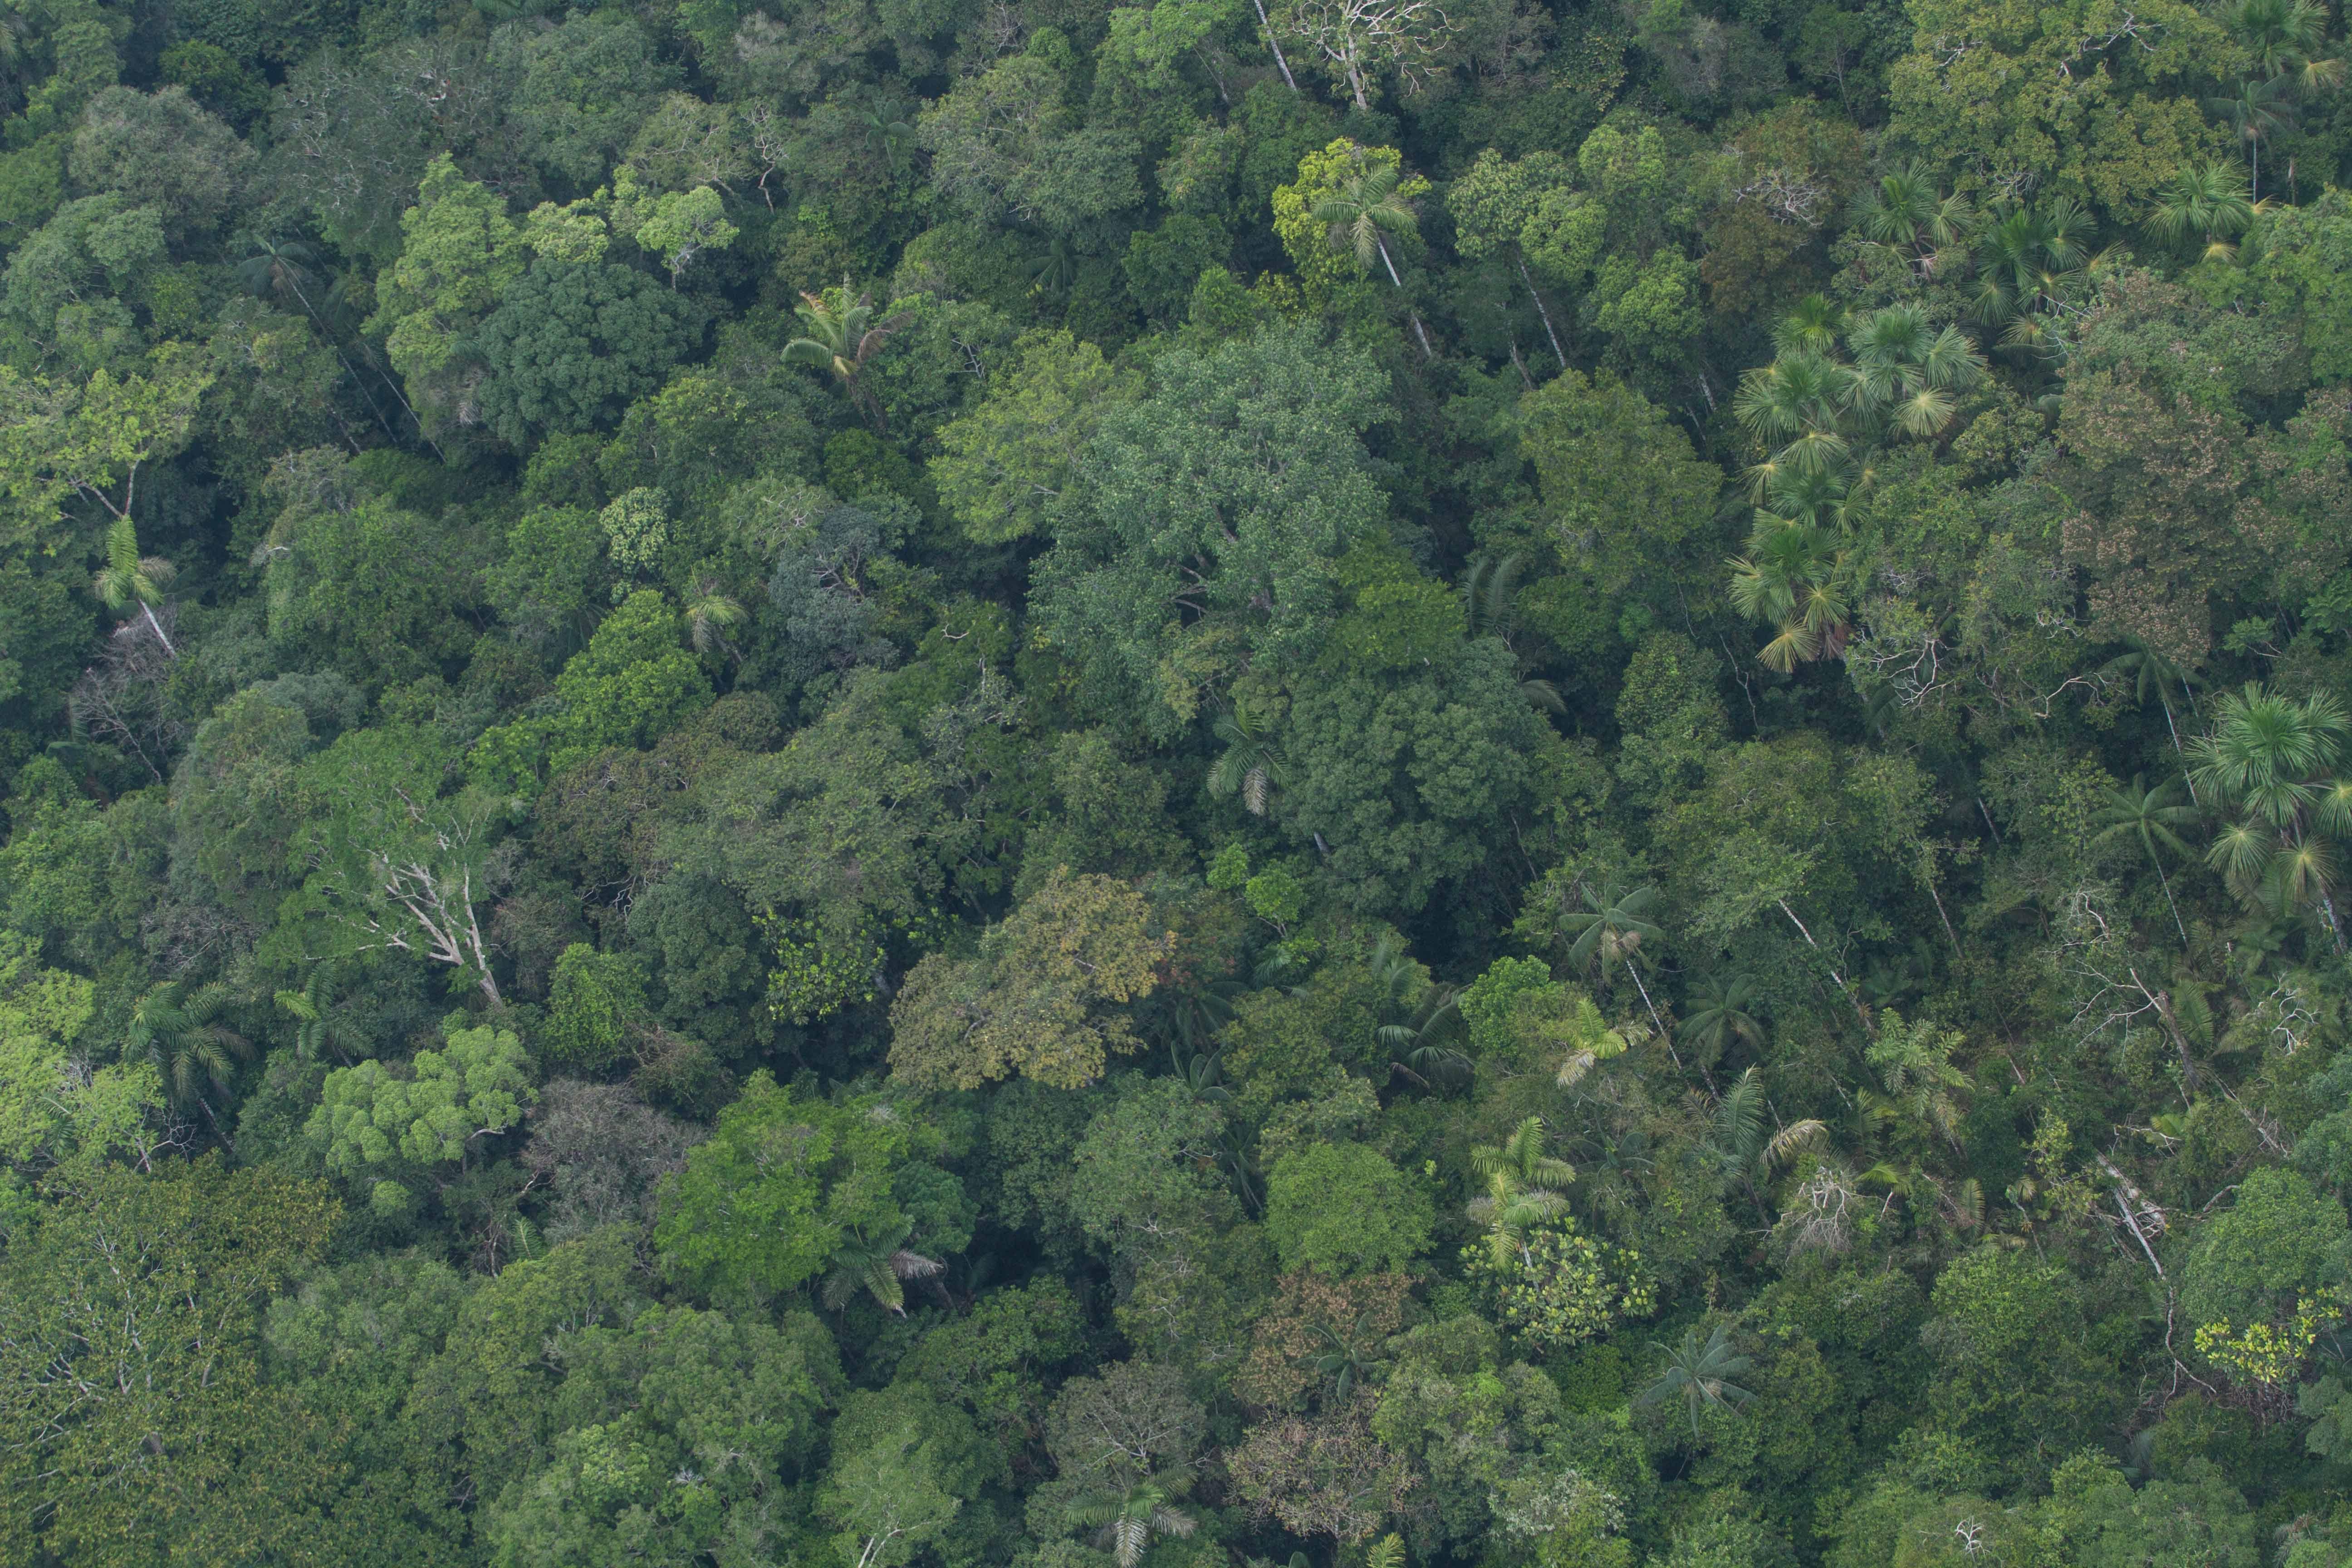 CEDIA Opina: Los Bosques en el Perú: Aportes de CEDIA para su protección